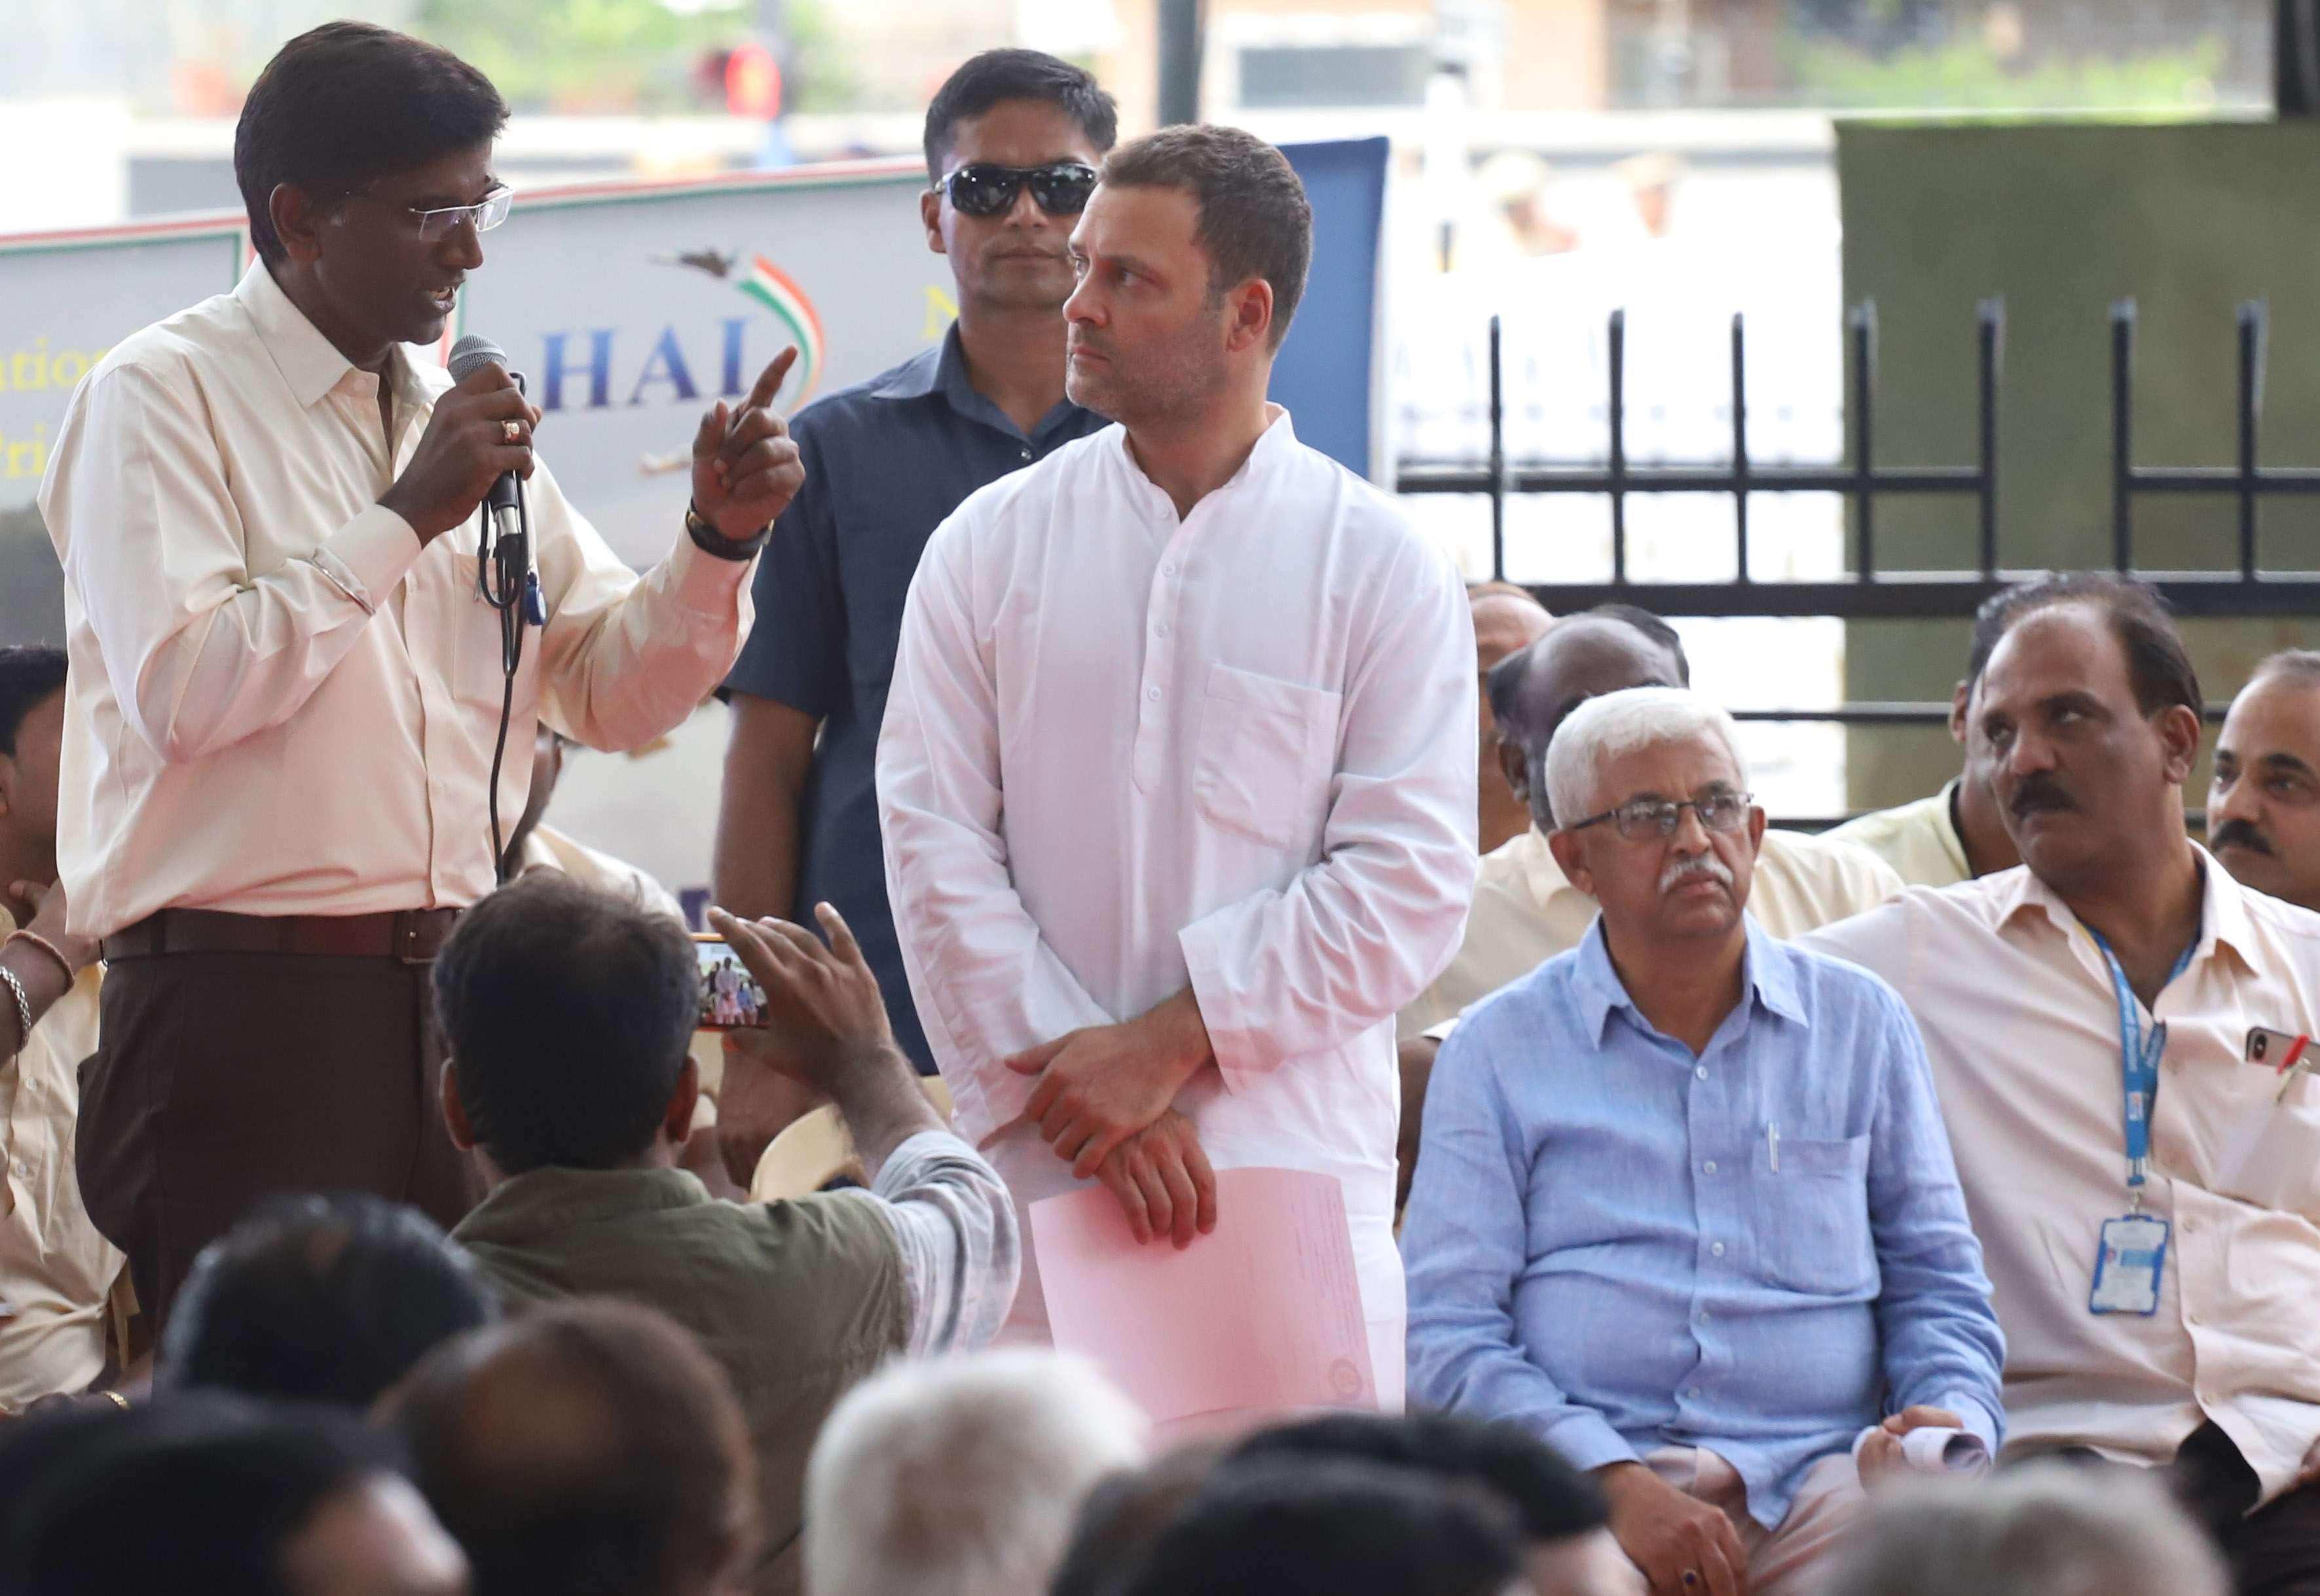 rahul at HAL